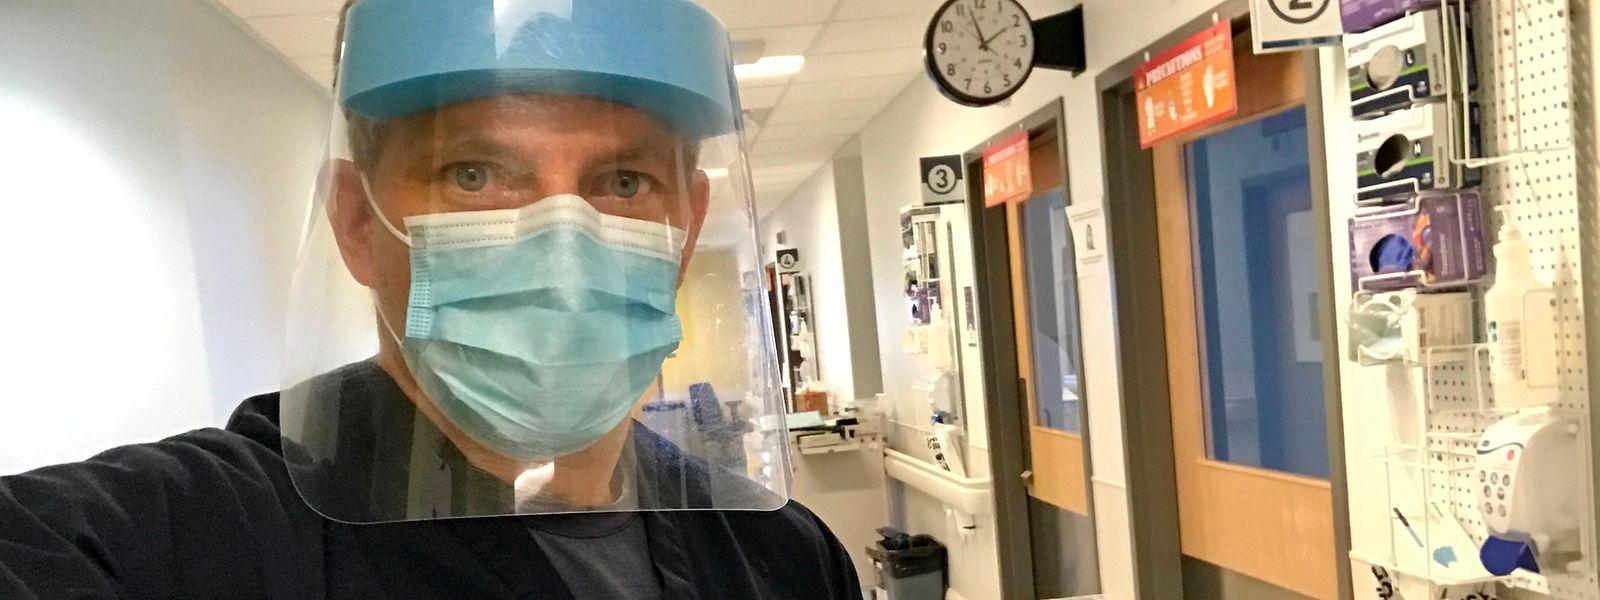 David Saint-Jacques hat in den vergangenen zehn Jahren einiges verpasst: Er sieht daher seine jetzige Anstellung im Krankenhaus als eine Art Lehrzeit an.